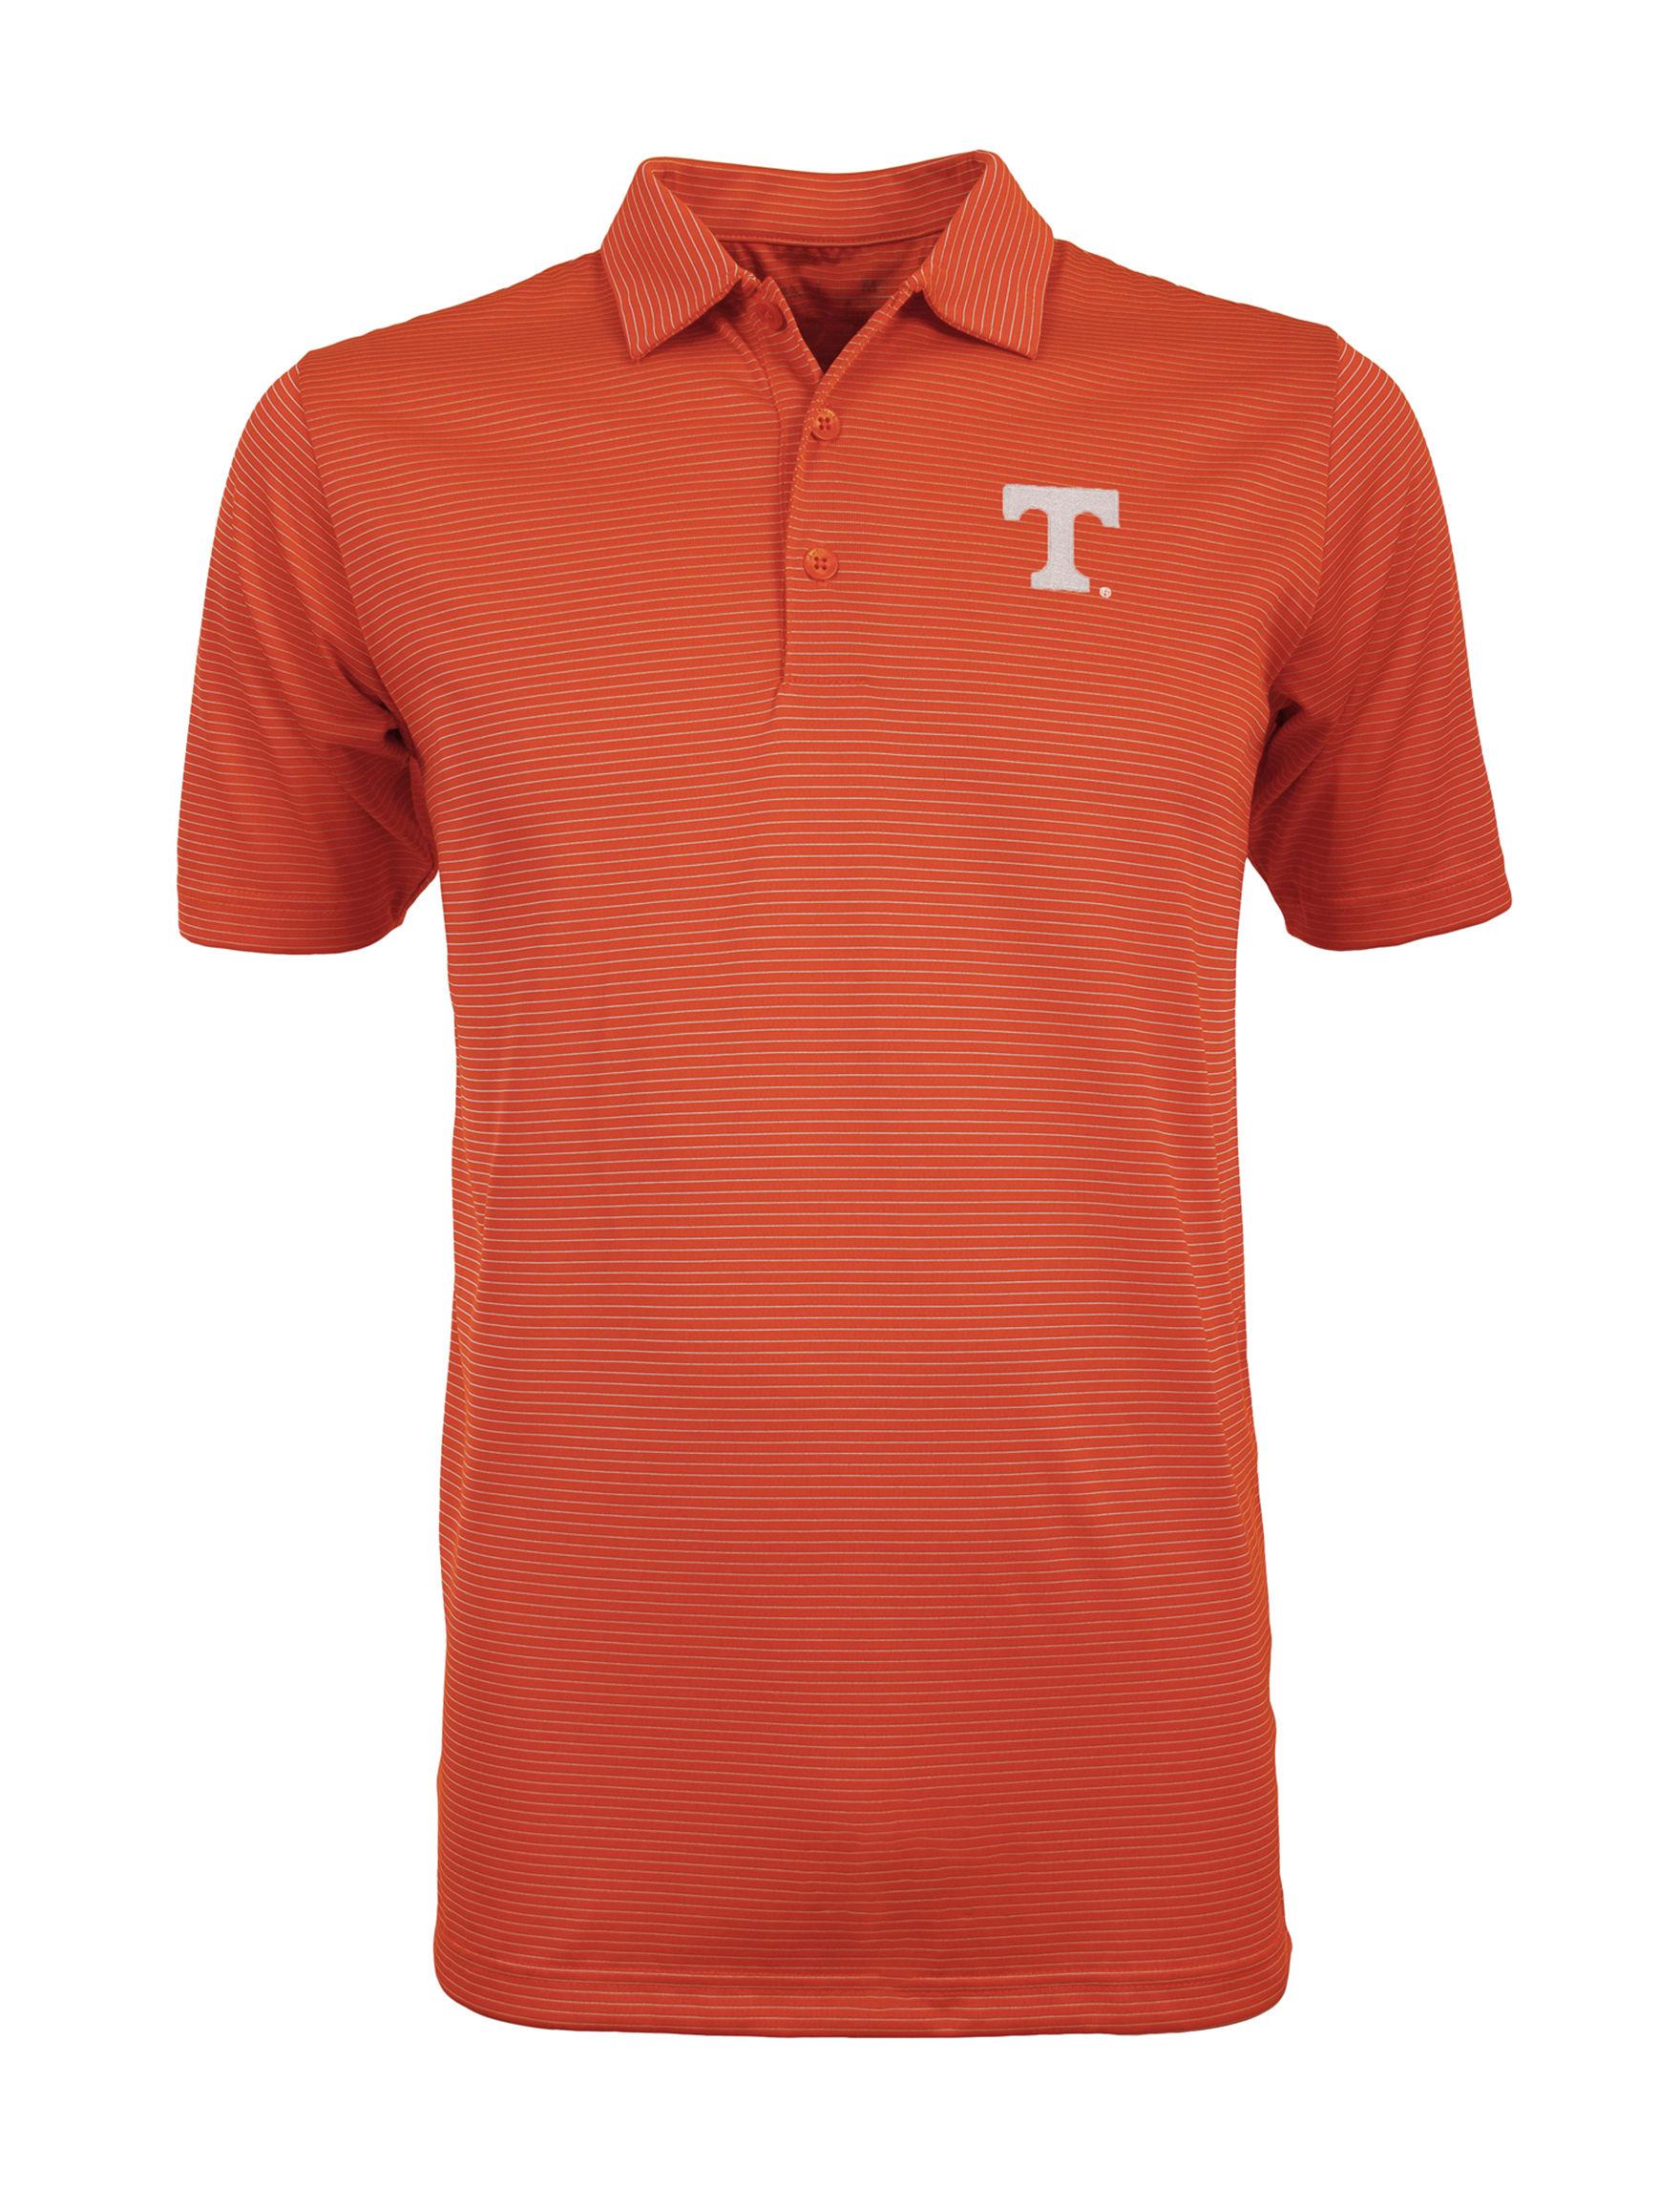 NCAA Orange Stripe Polos